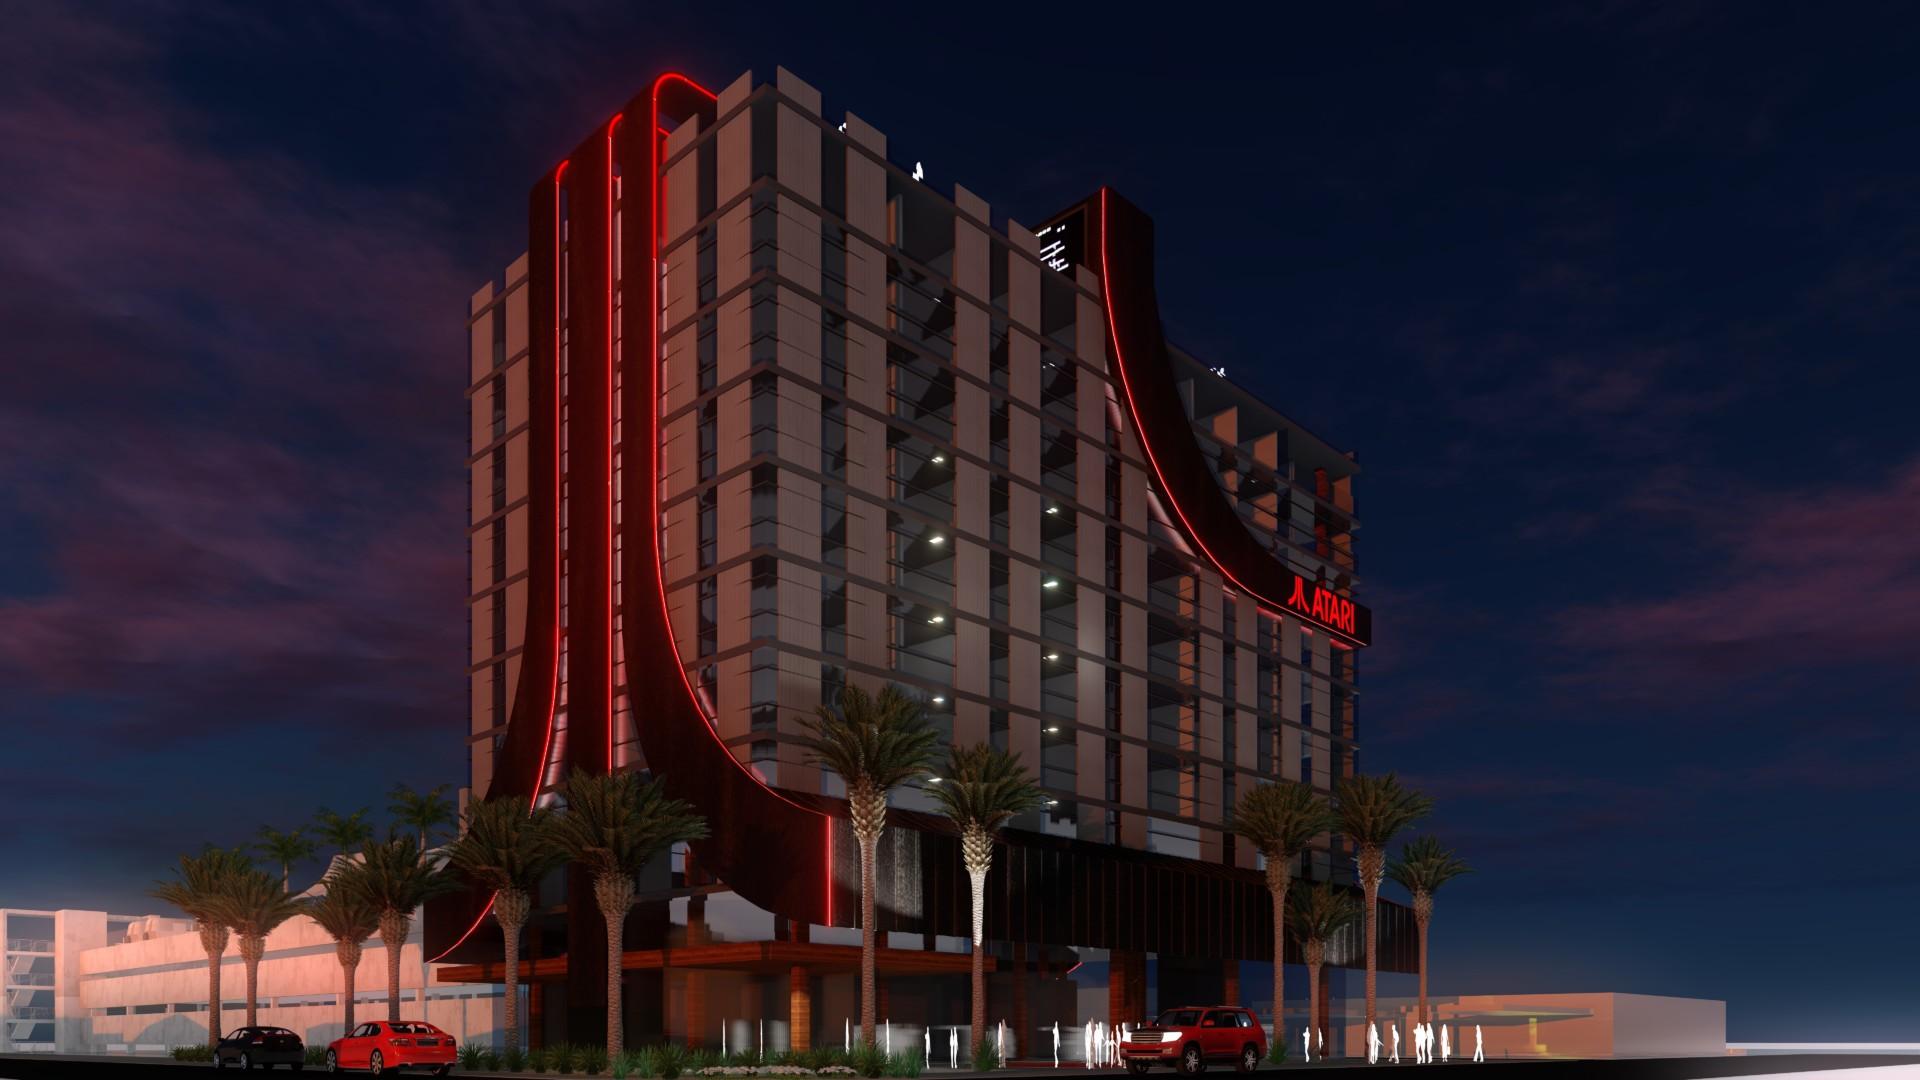 Atari trabaja en un sorprendente concepto de hotel inspirado en sus videojuegos